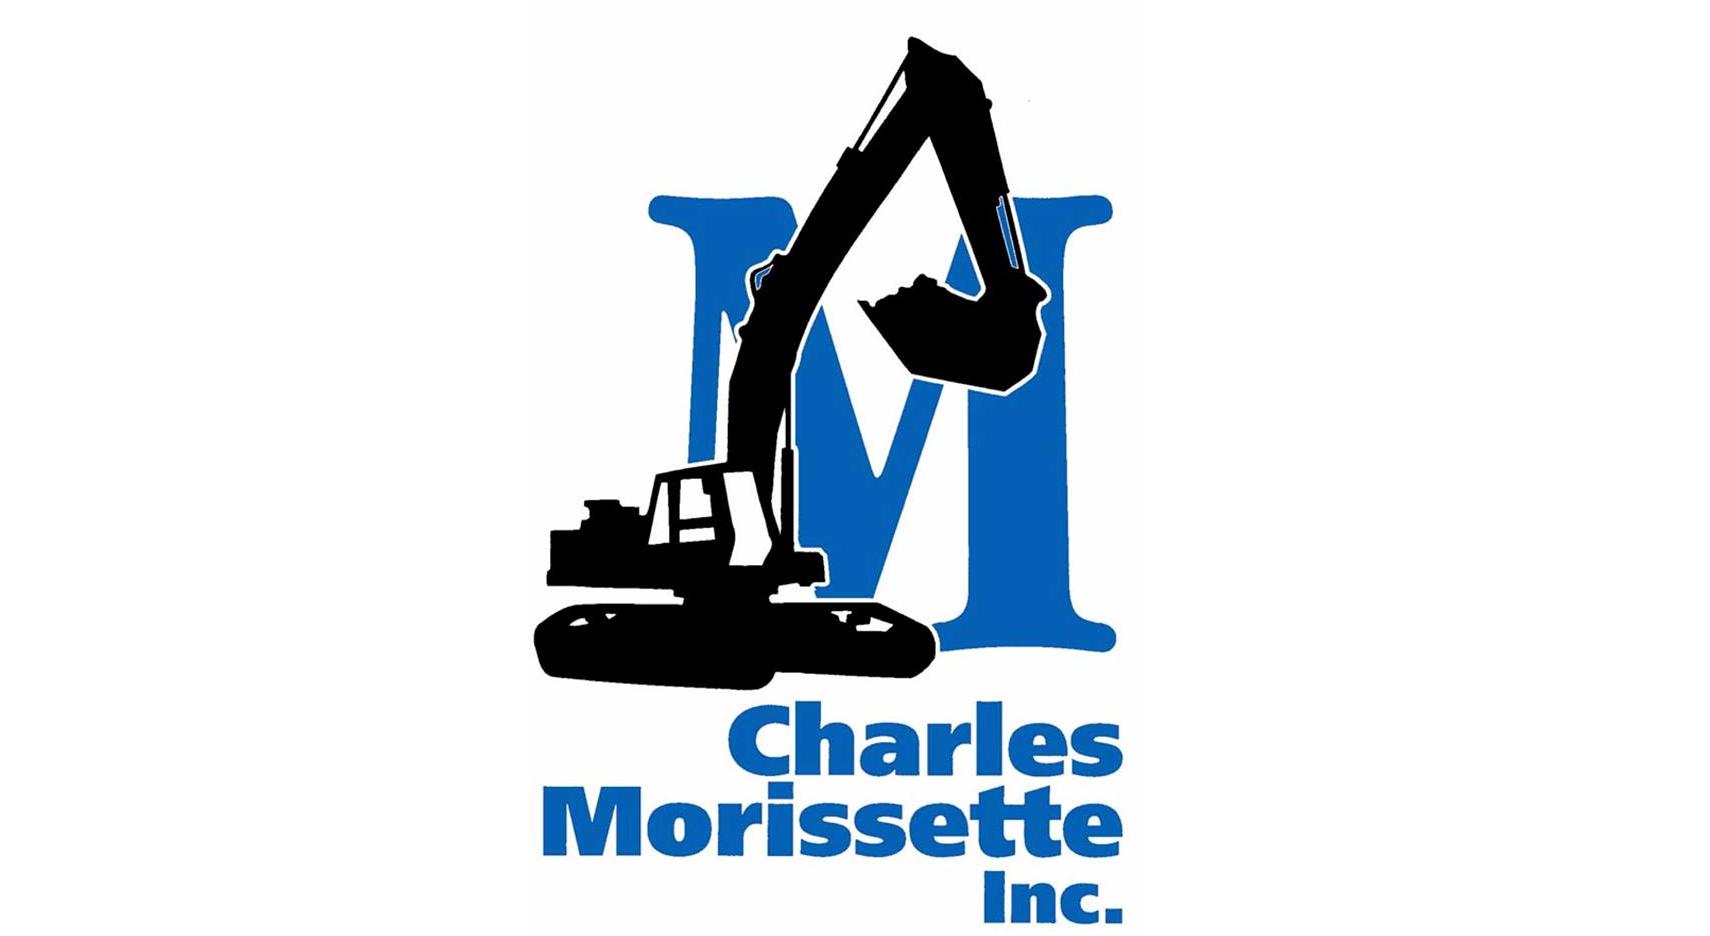 Charles Morissette Inc.